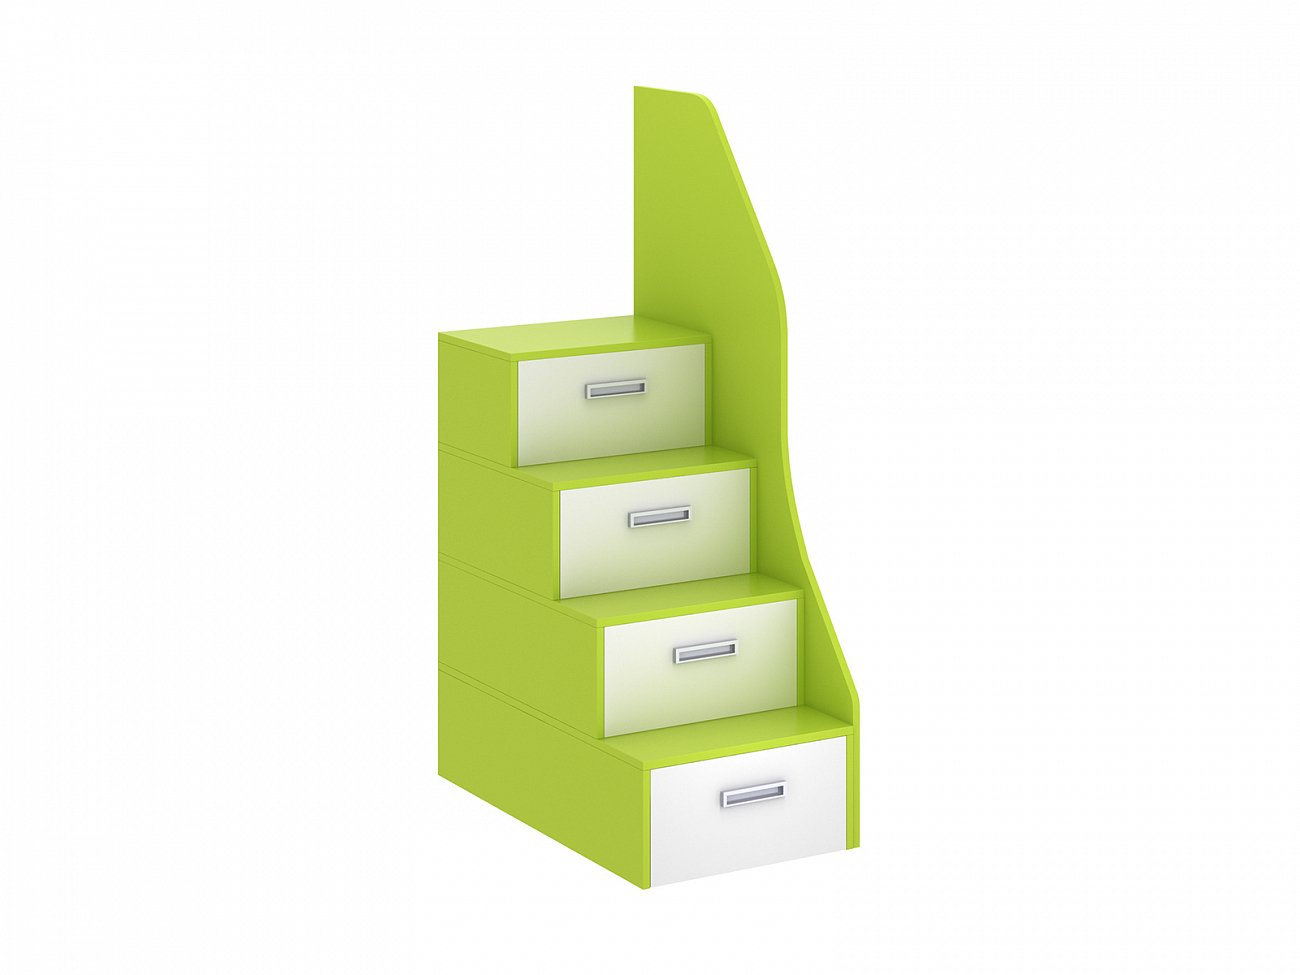 Купить Лестница-комод Pinokkio light green в интернет магазине дизайнерской мебели и аксессуаров для дома и дачи